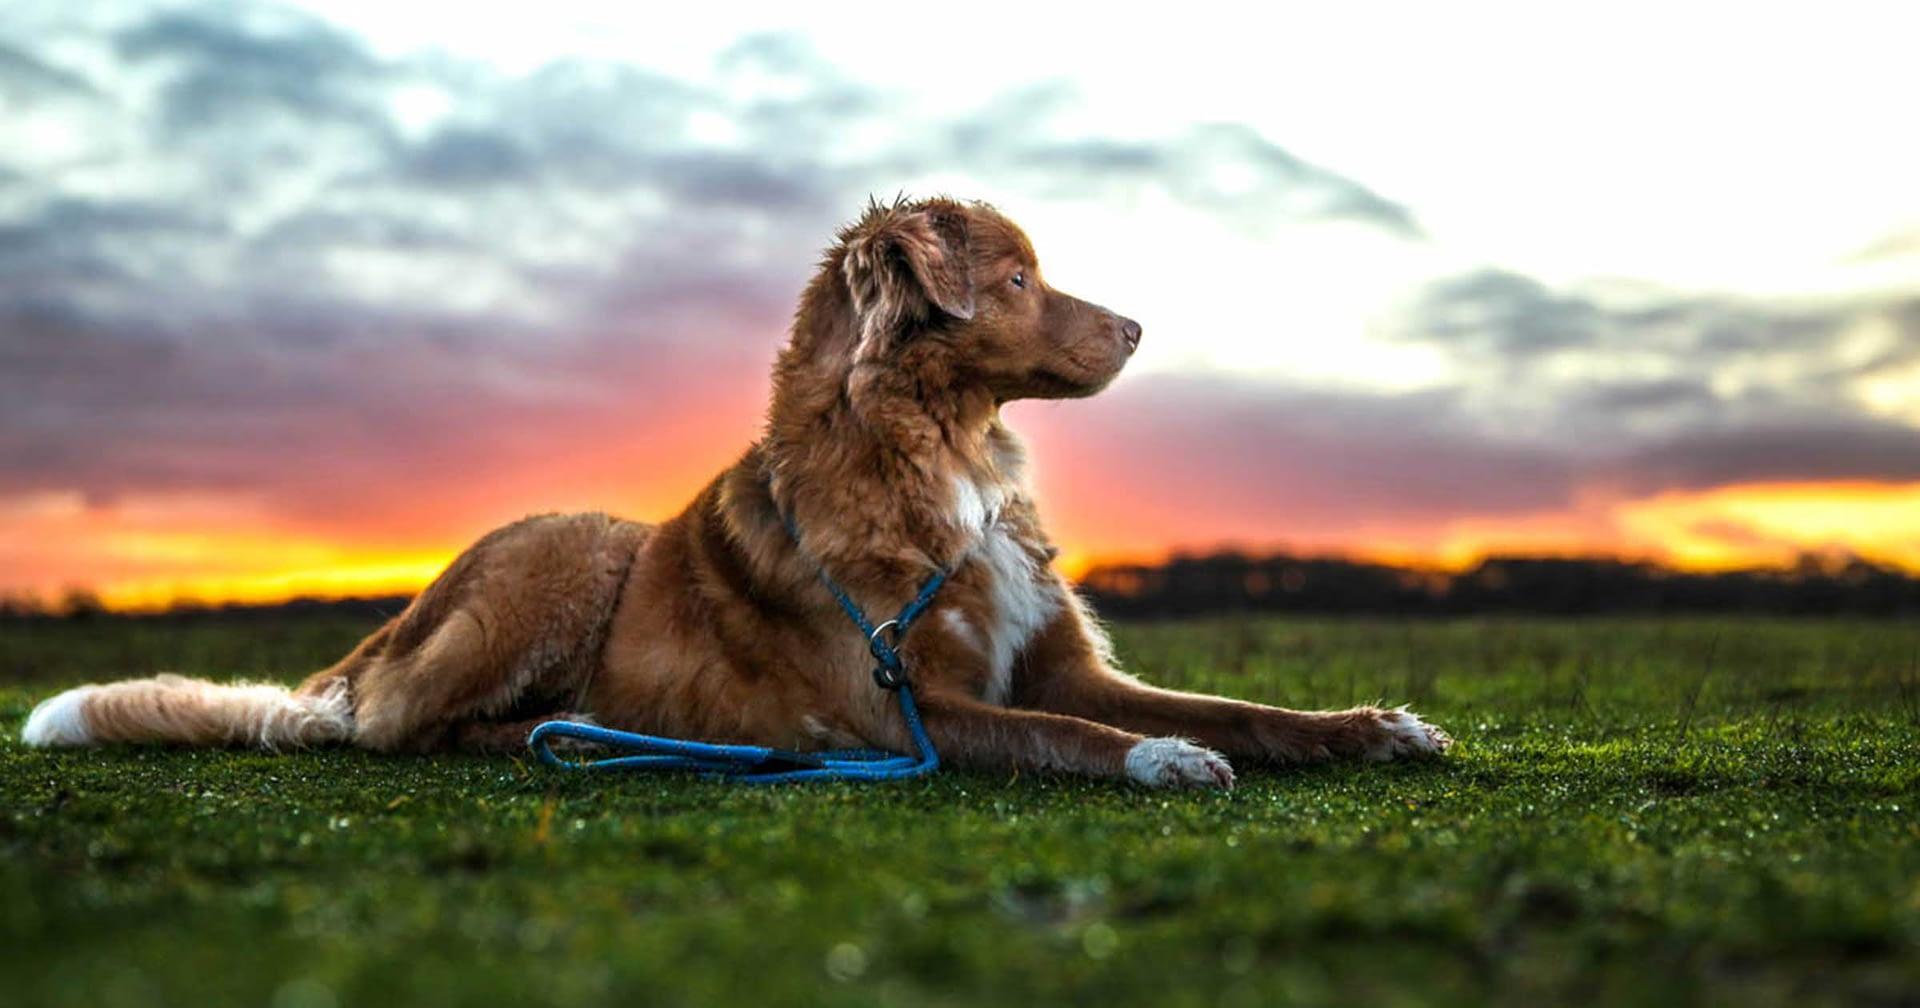 Zlef een foto van je hond maken is mogelijk.